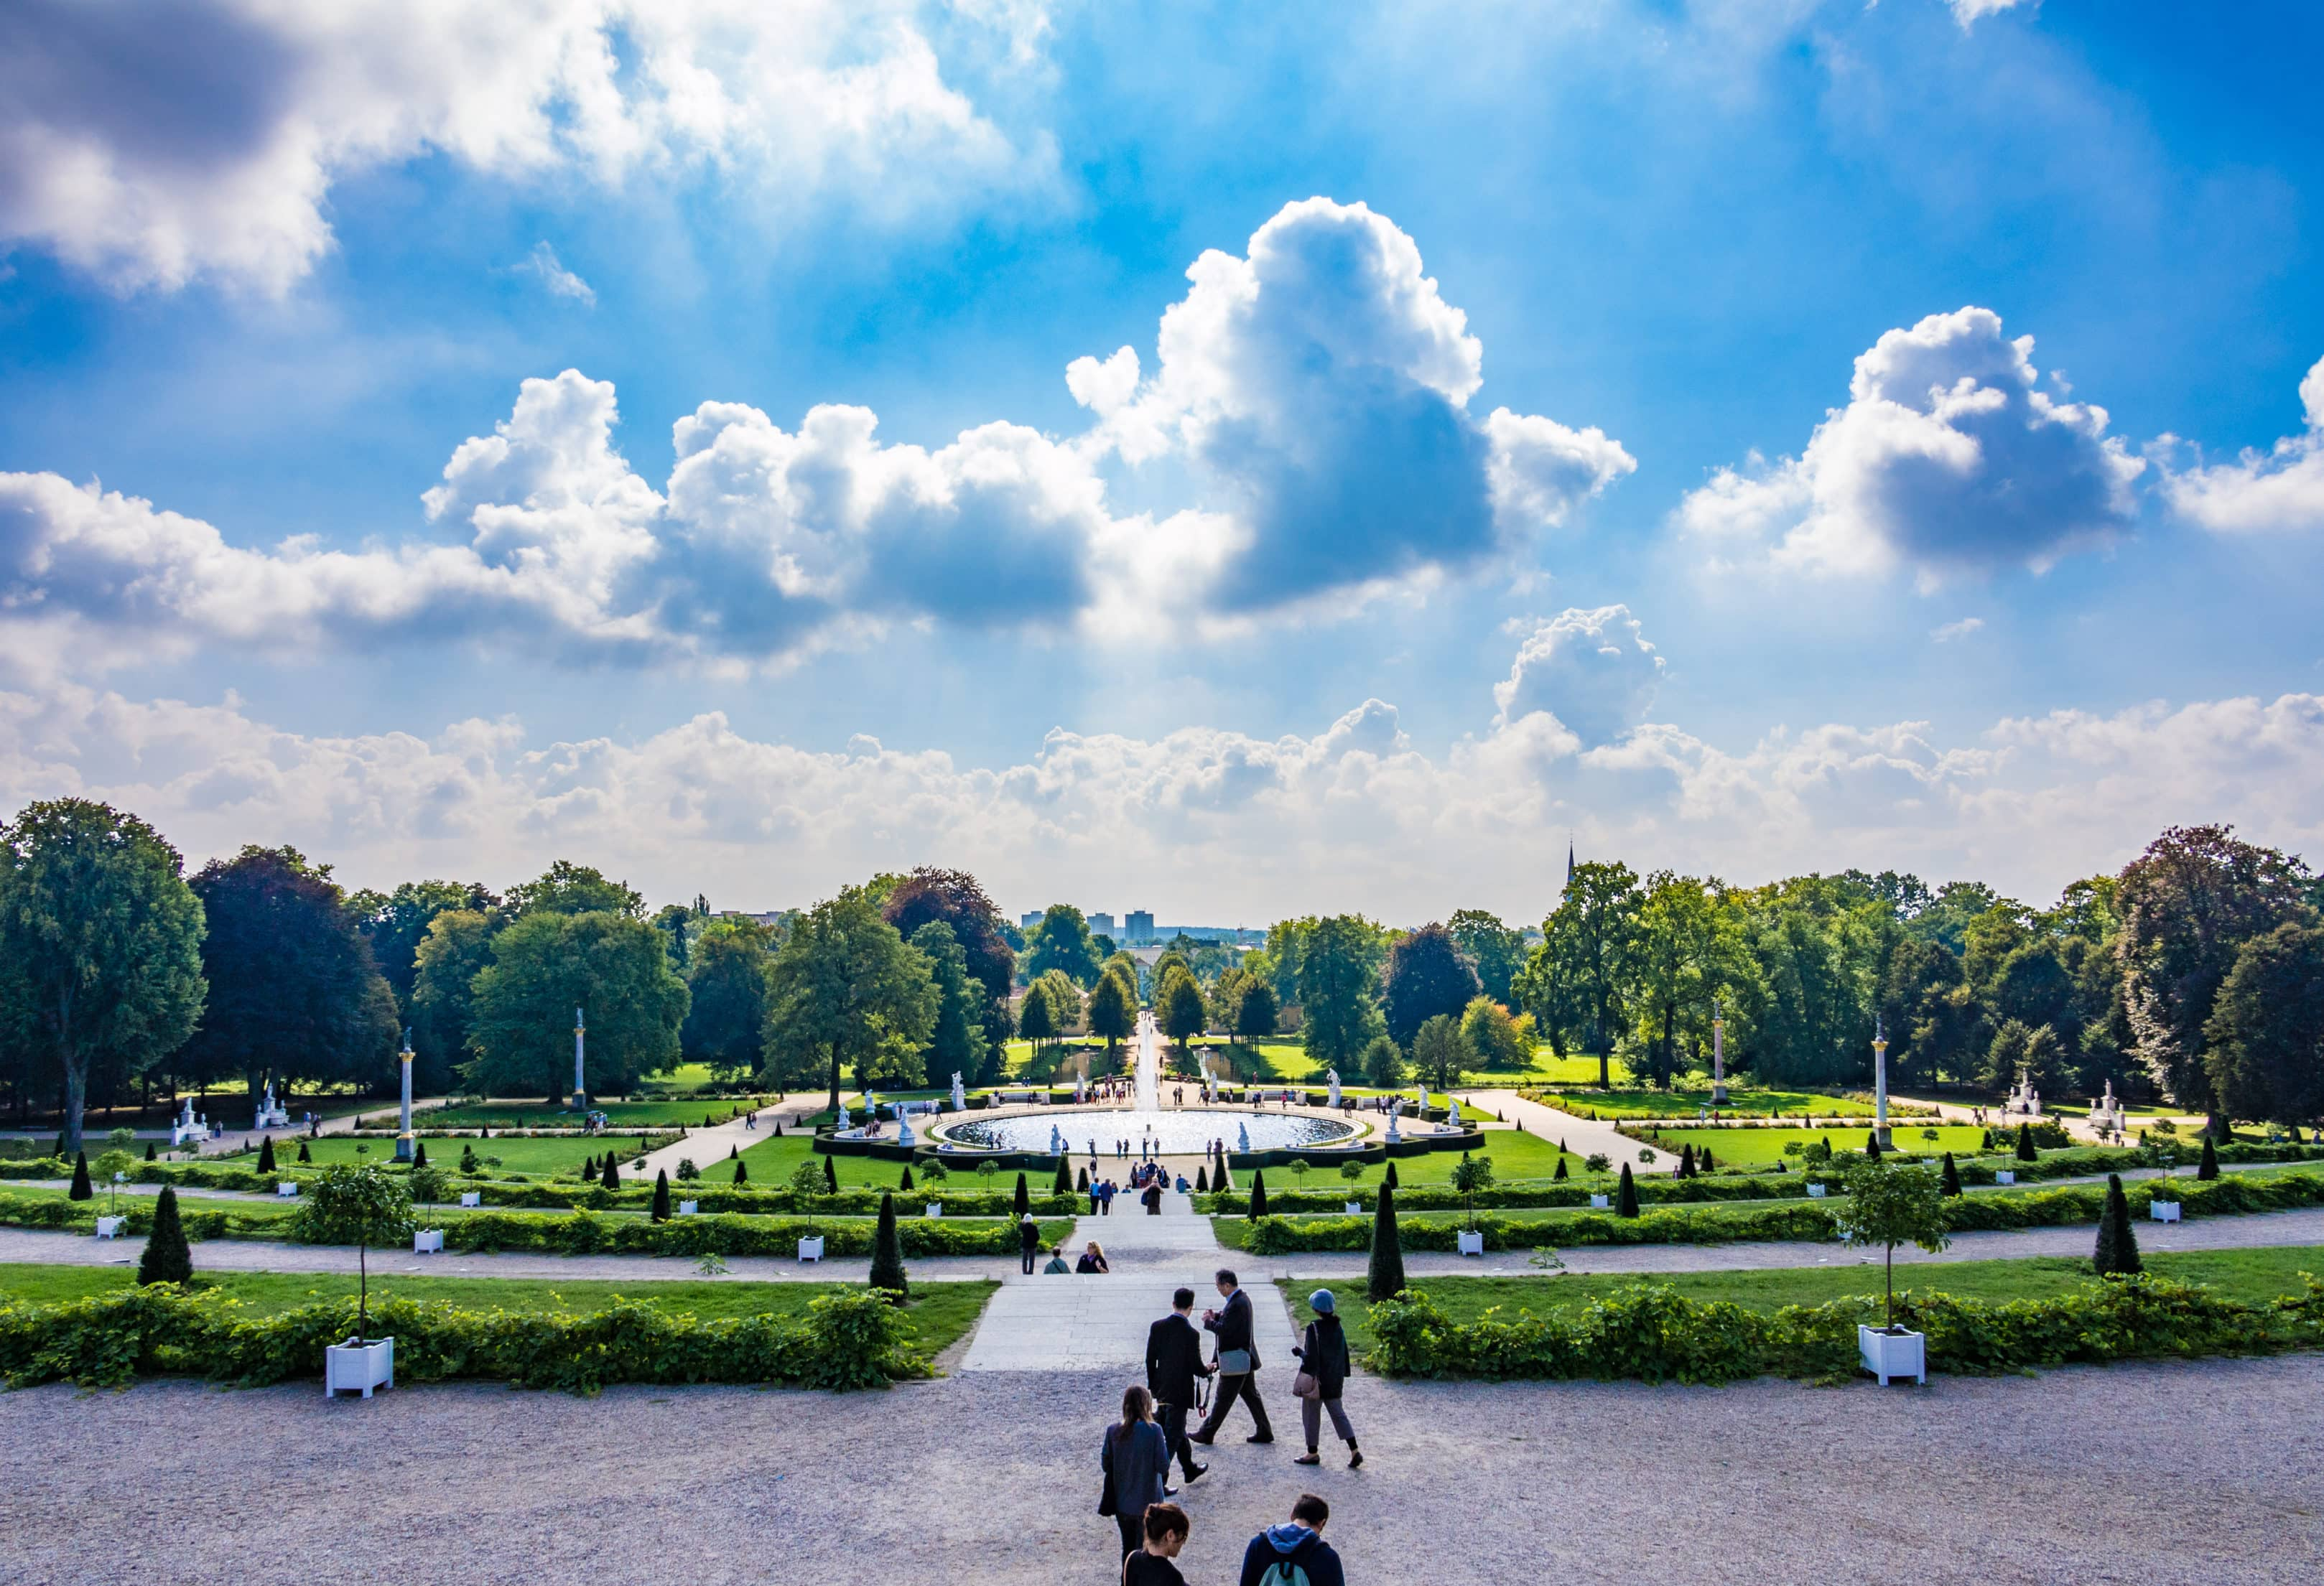 ausflugsziele berliner umland park sans souci potsdam